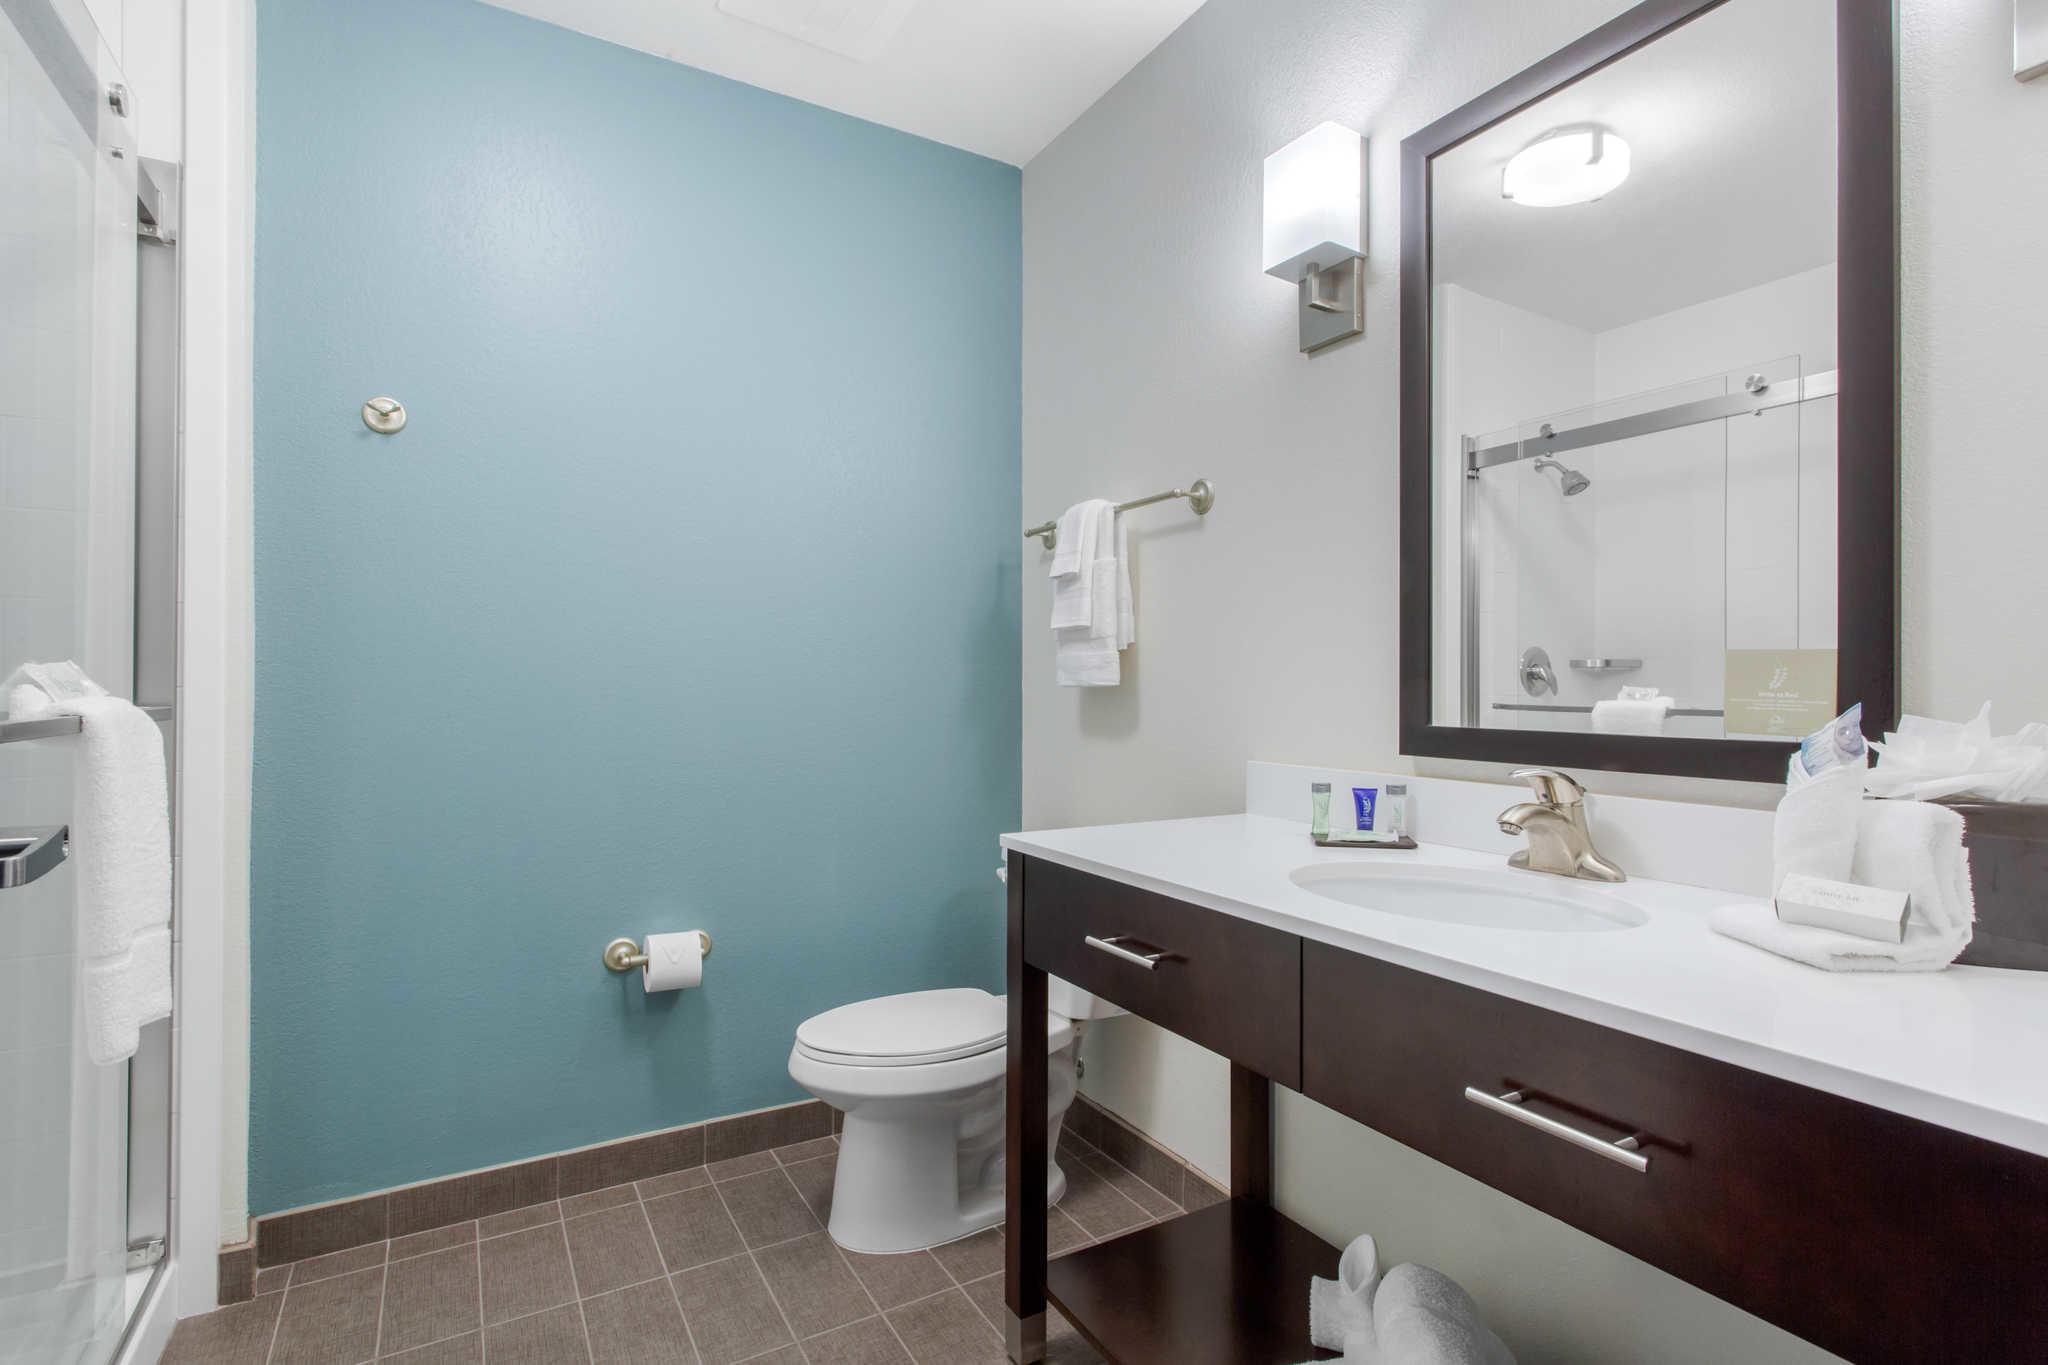 Sleep Inn & Suites Monroe - Woodbury image 14